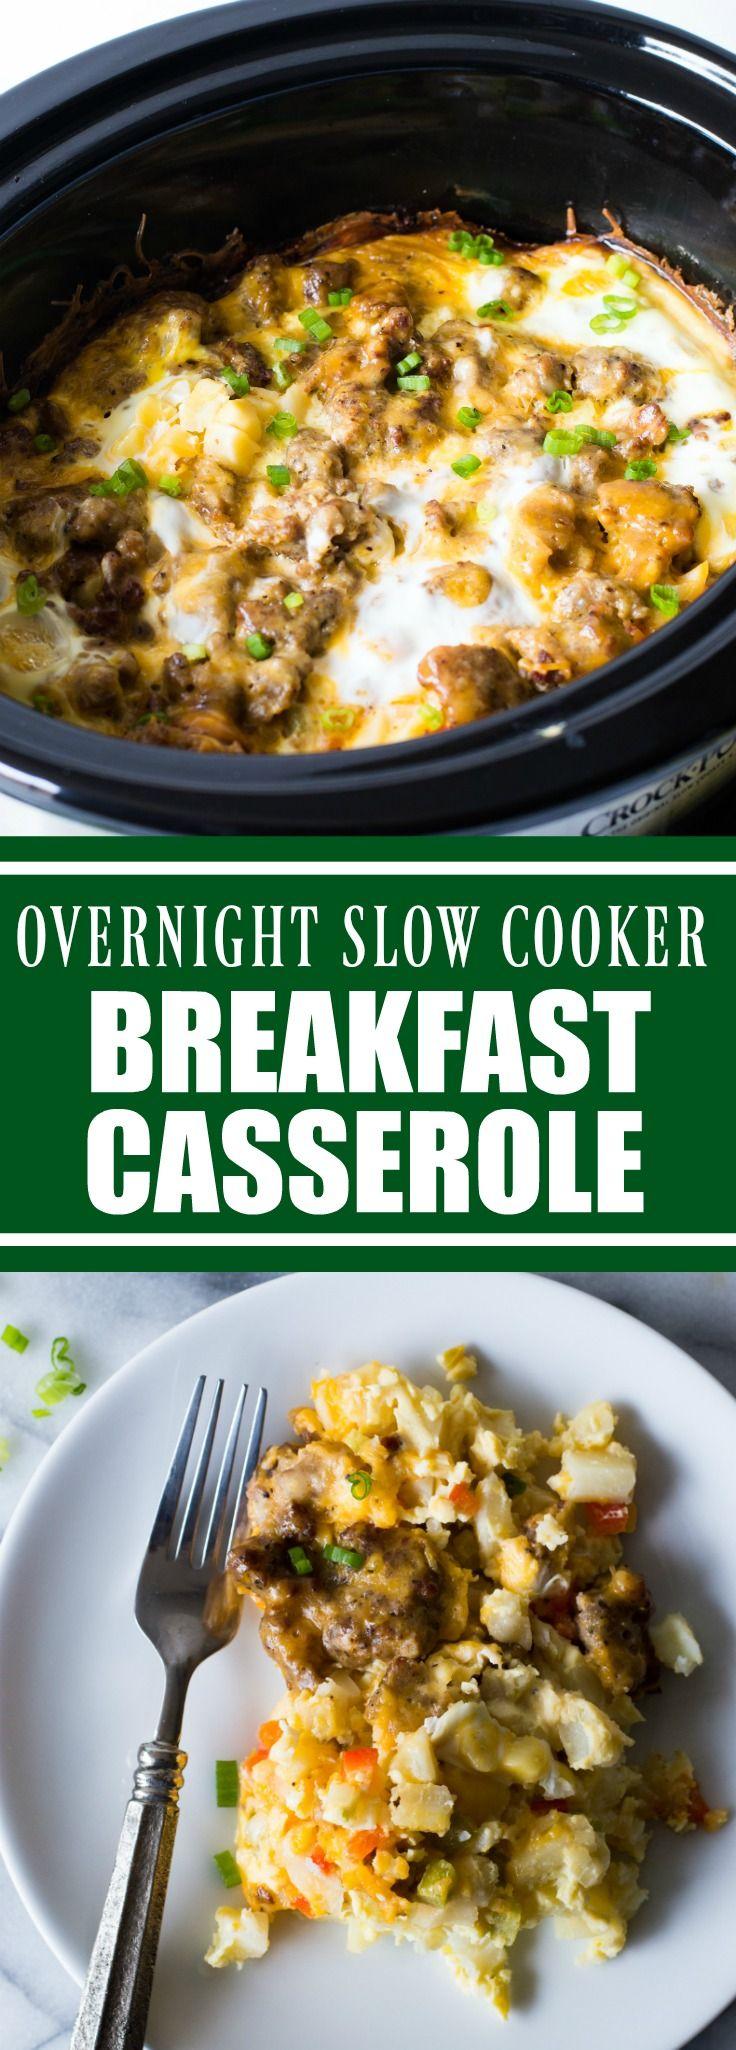 25 best slow cooker breakfast ideas on pinterest for Crockpot breakfast casserole recipes